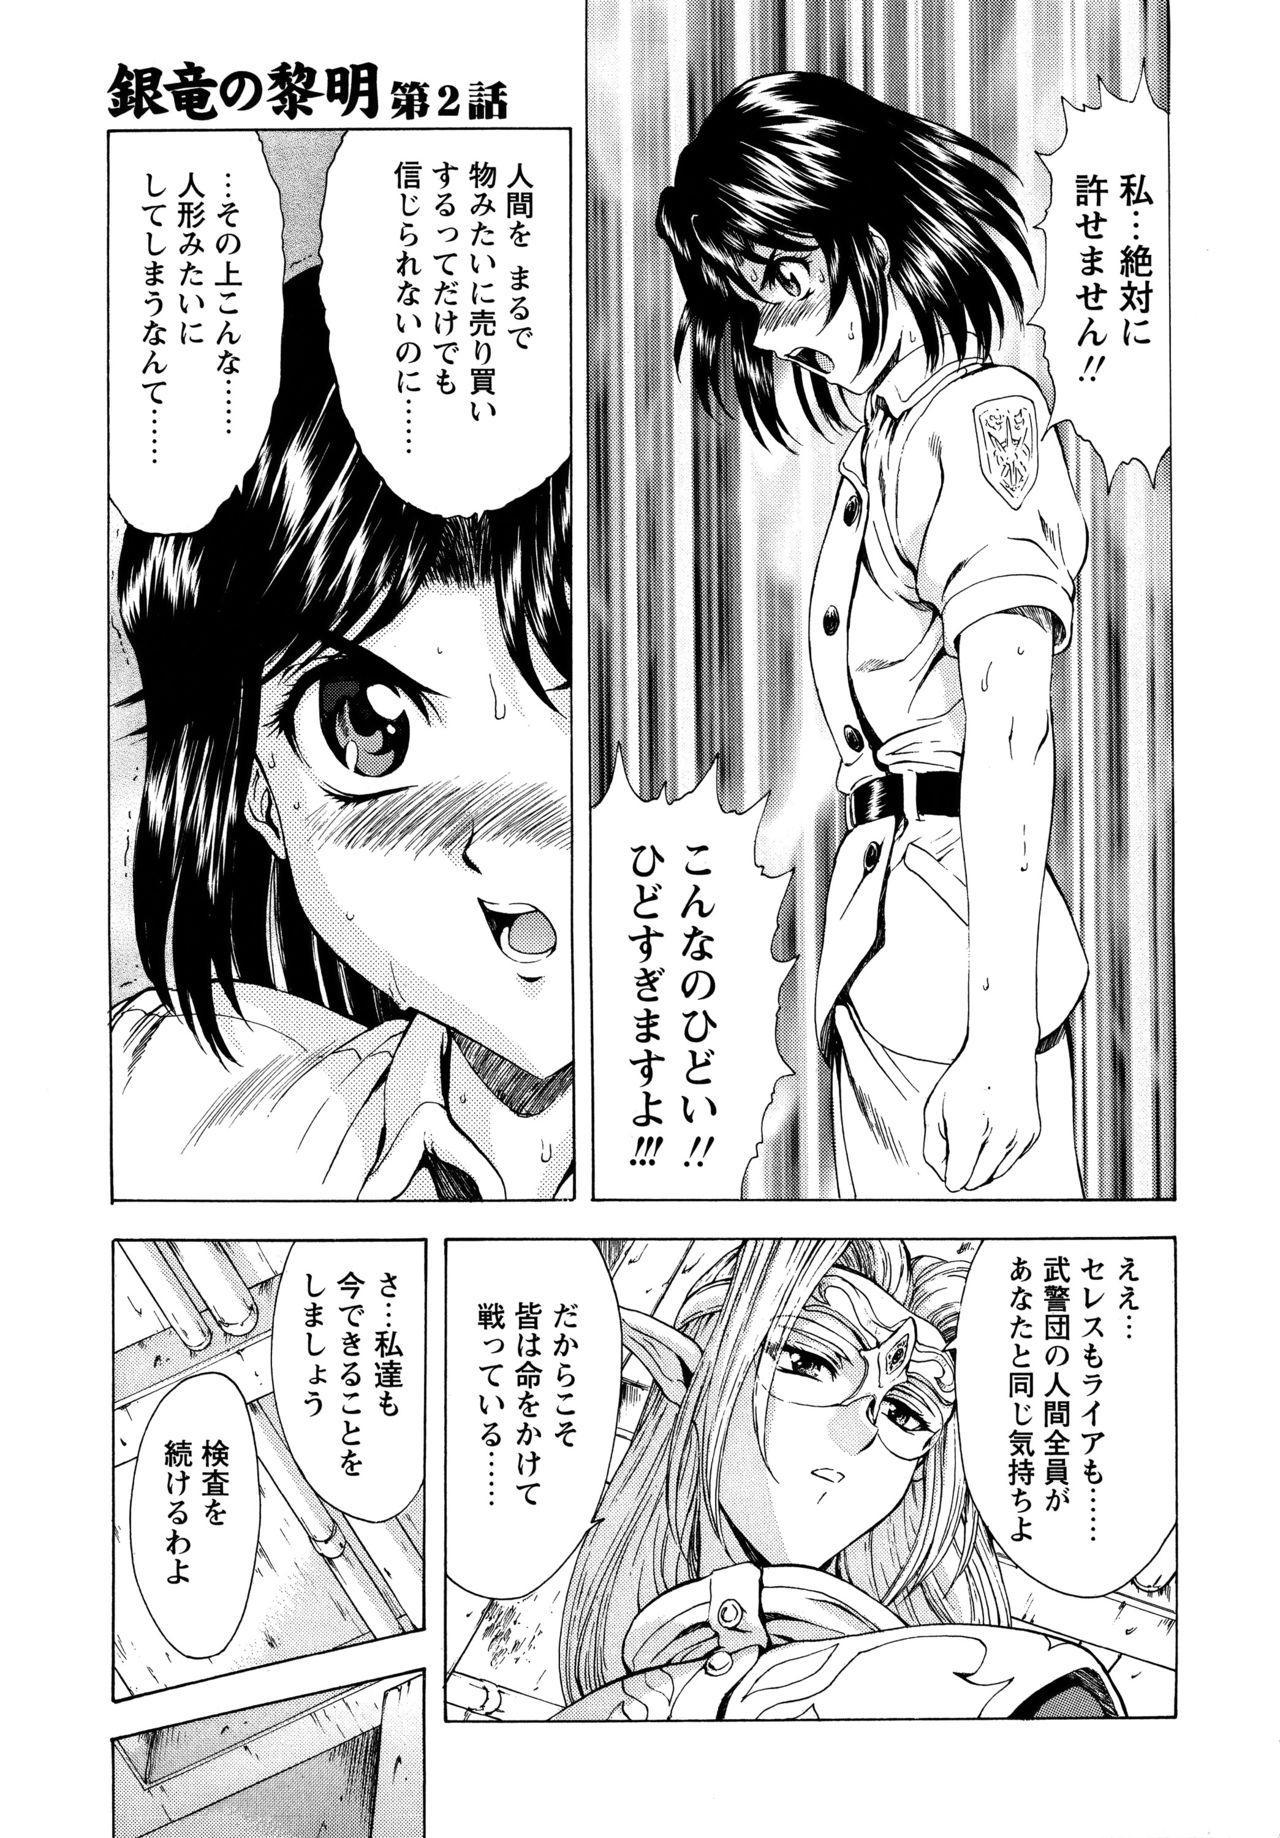 Ginryuu no Reimei Vol. 1 40